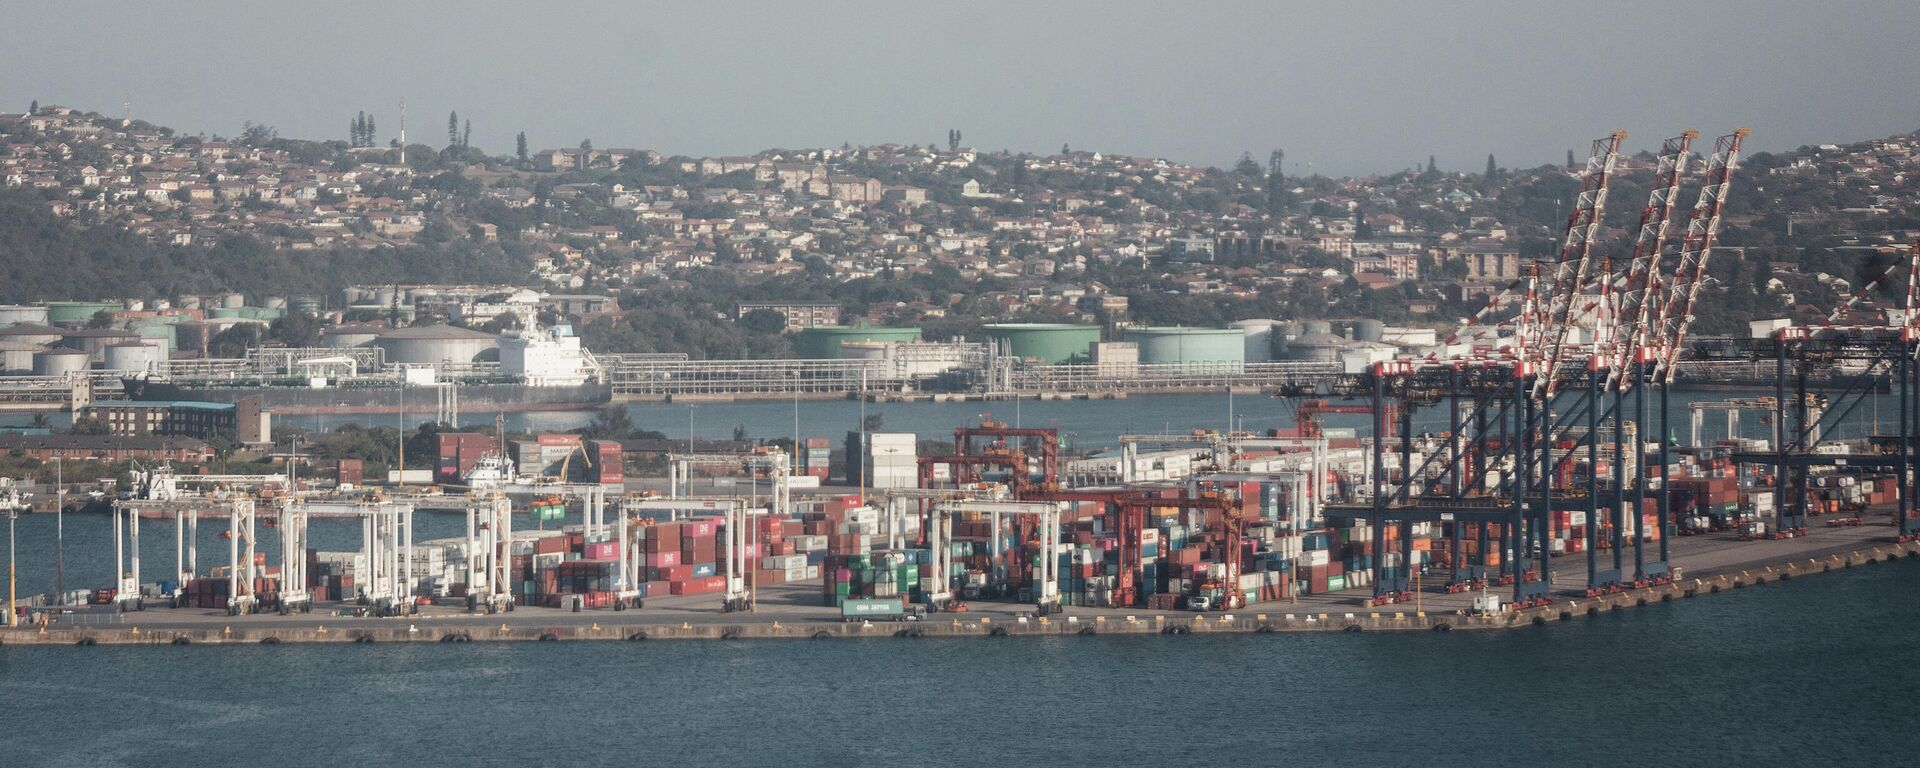 Der südafrikanische Hafen Durban - SNA, 1920, 08.08.2021